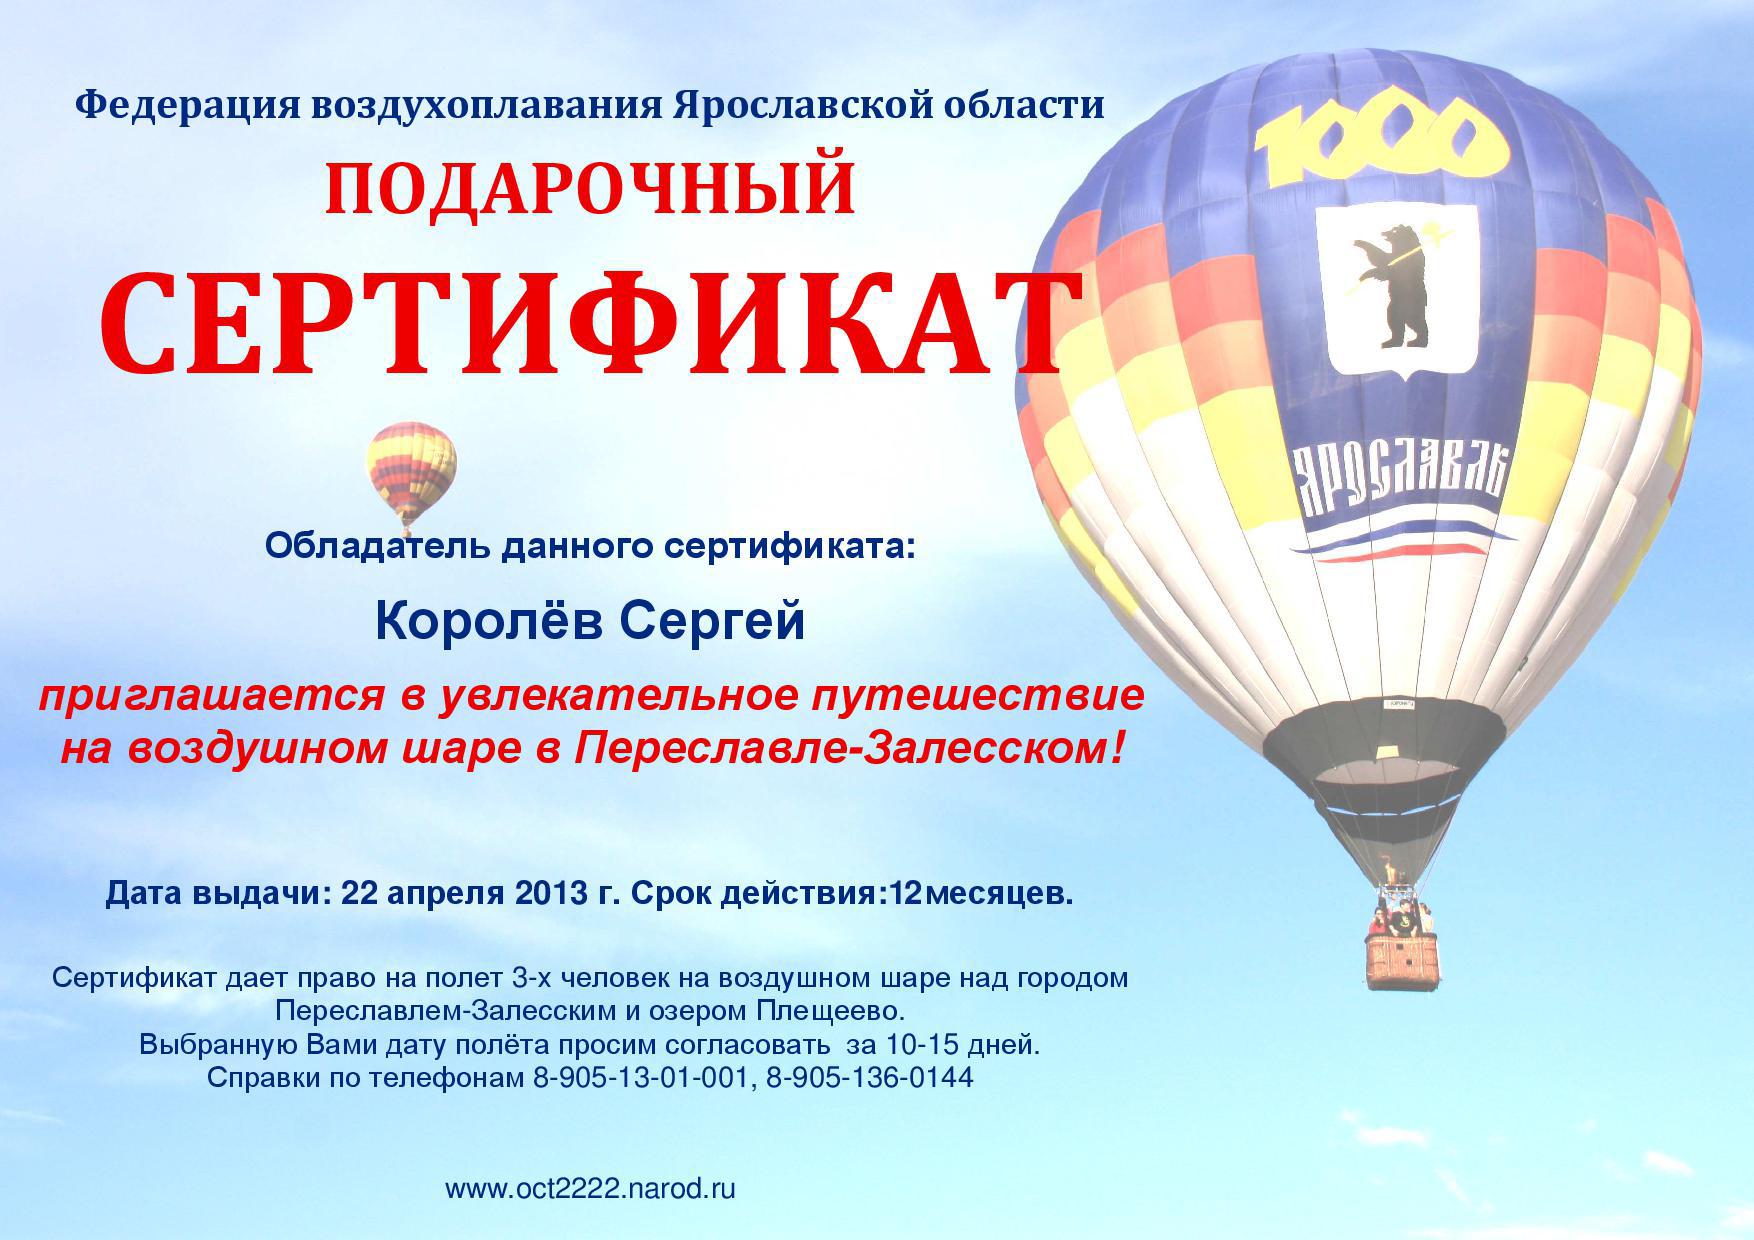 подарочный сертификат на полет на воздушном шаре